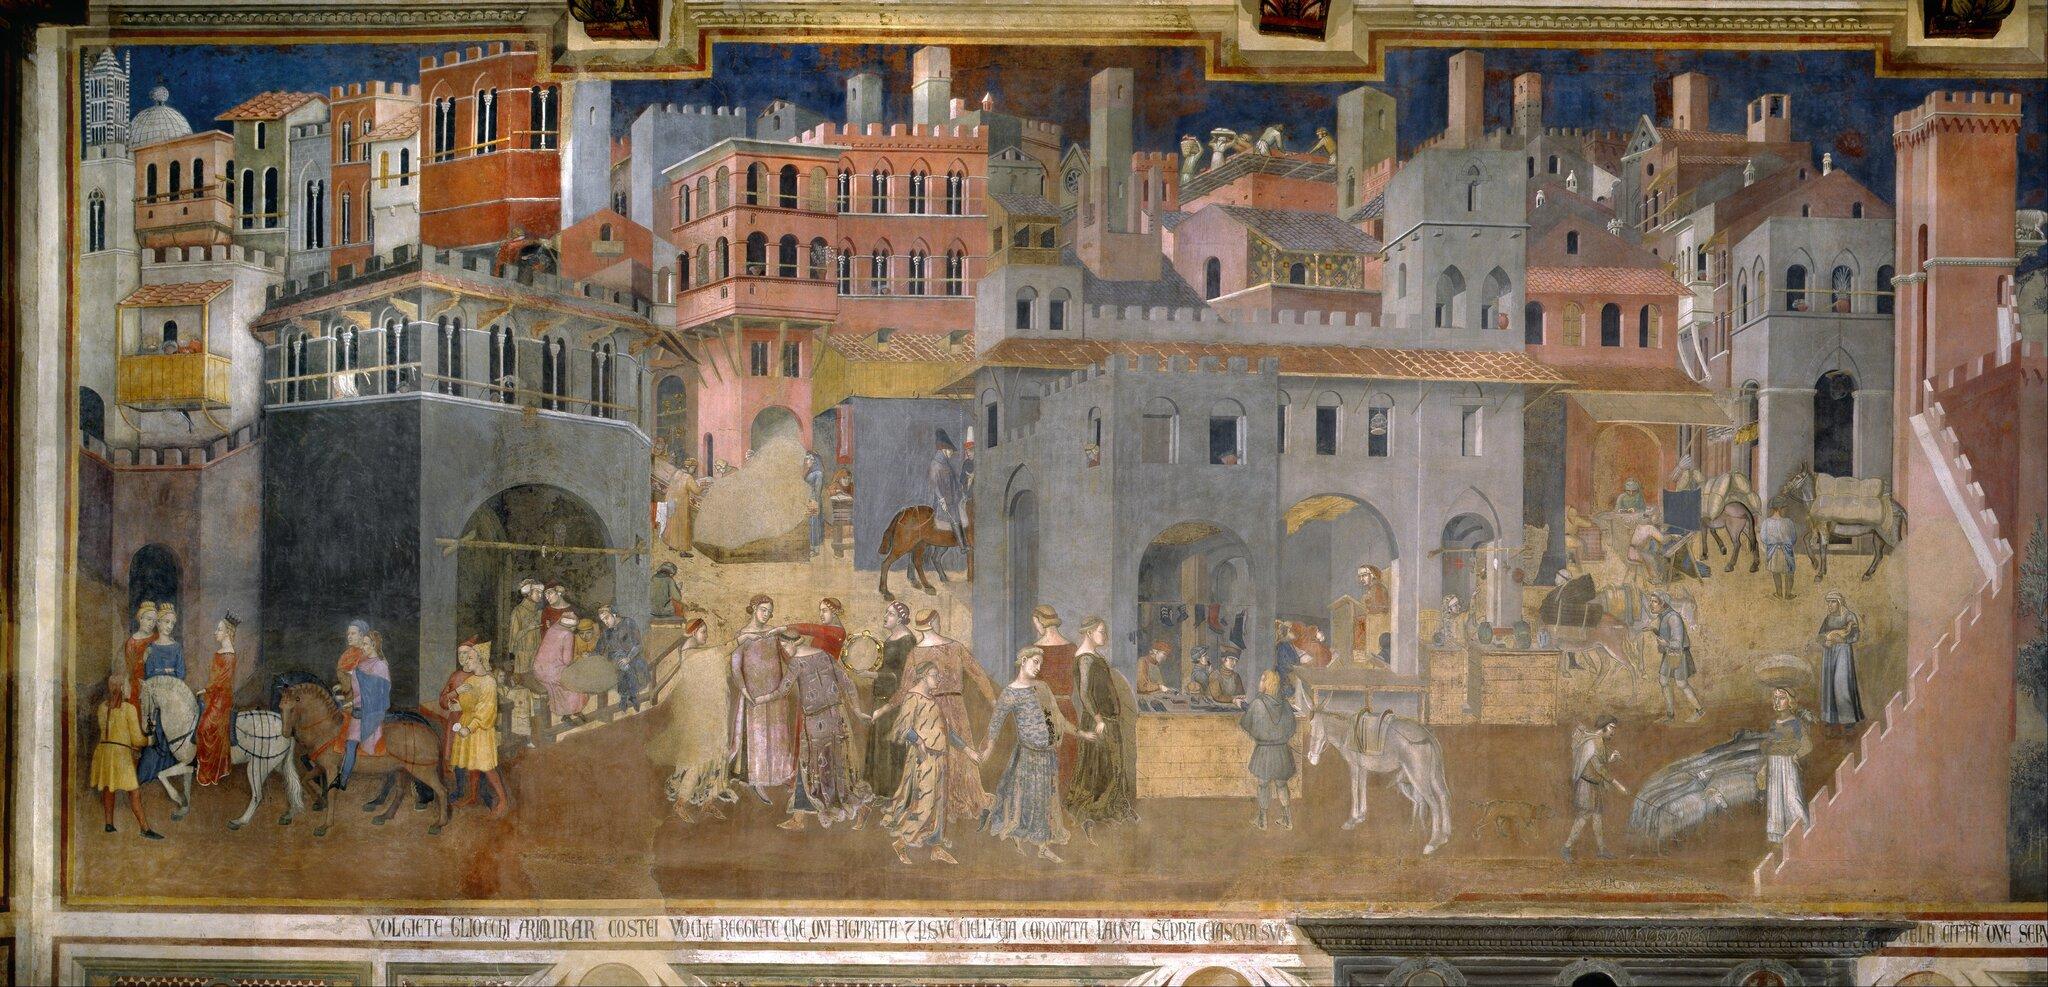 Efekty dobrych rządów wmieście Źródło: Ambrogio Lorenzetti, Efekty dobrych rządów wmieście, 1338-1339, fresk, Fondazione Musei Senesi, domena publiczna.